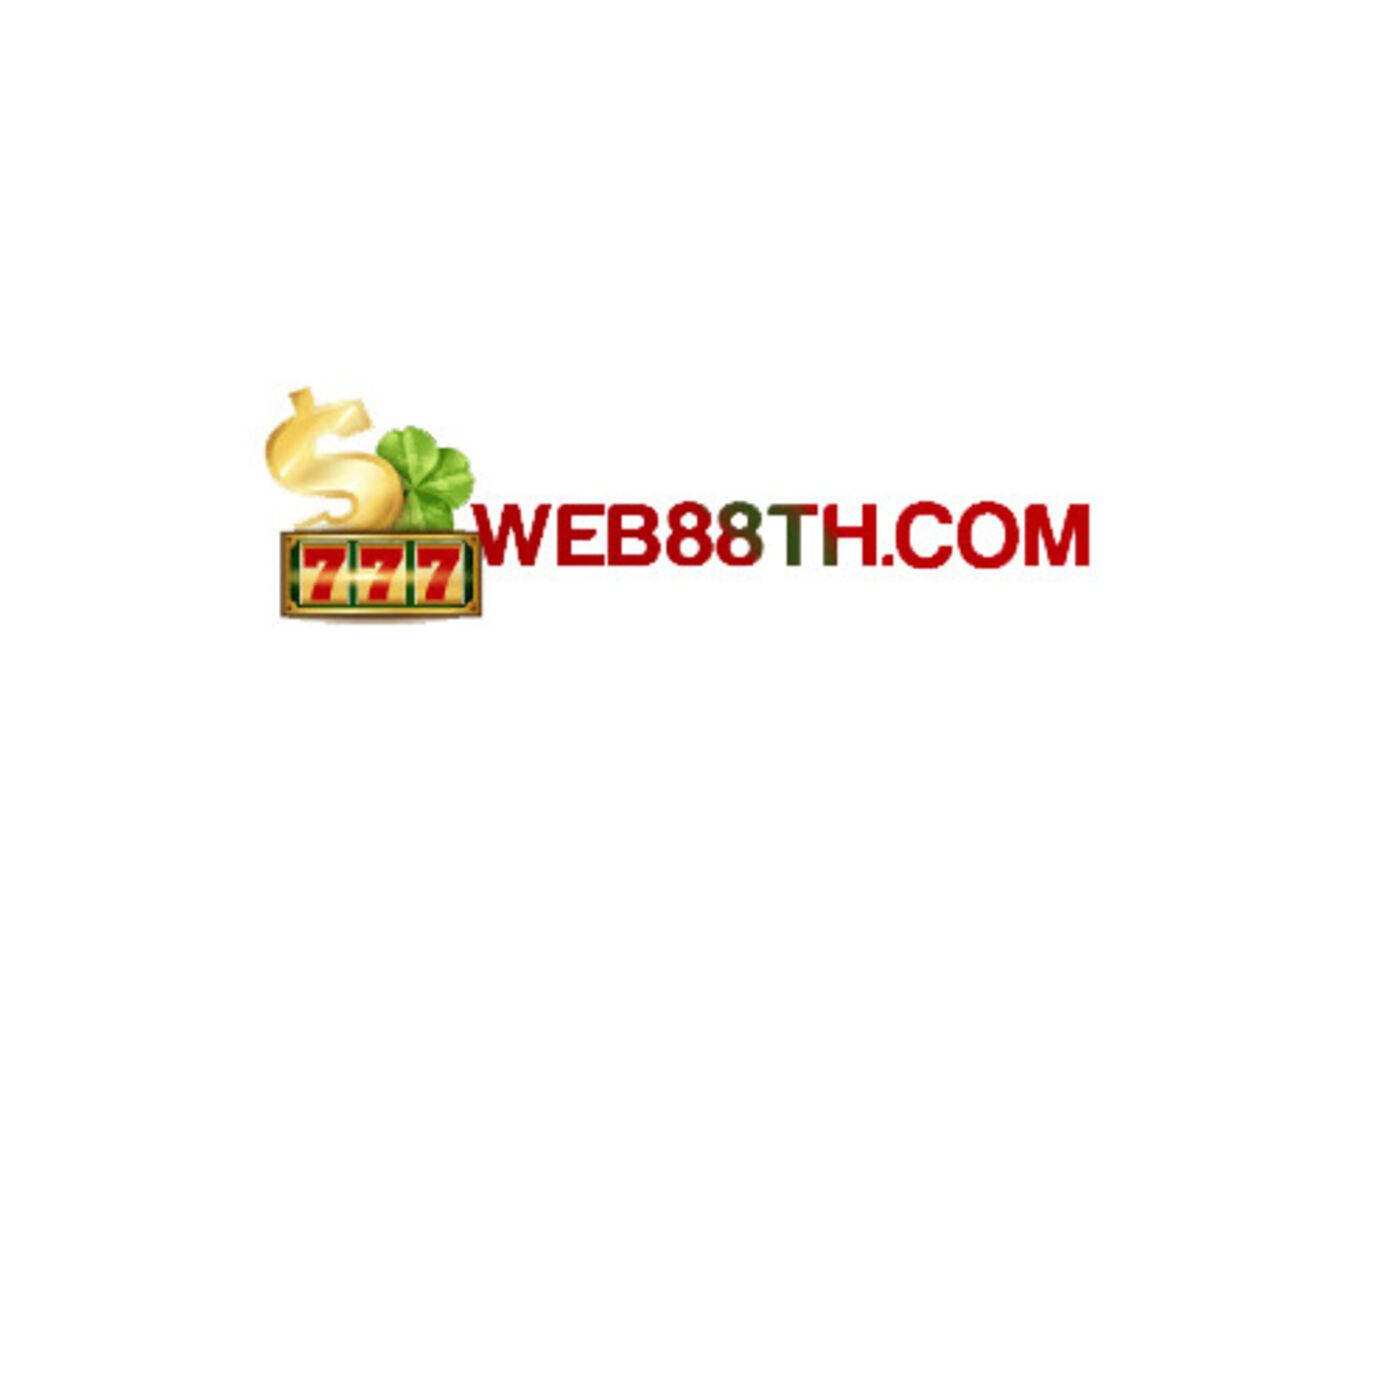 Online casino W88 not miss in Thailand